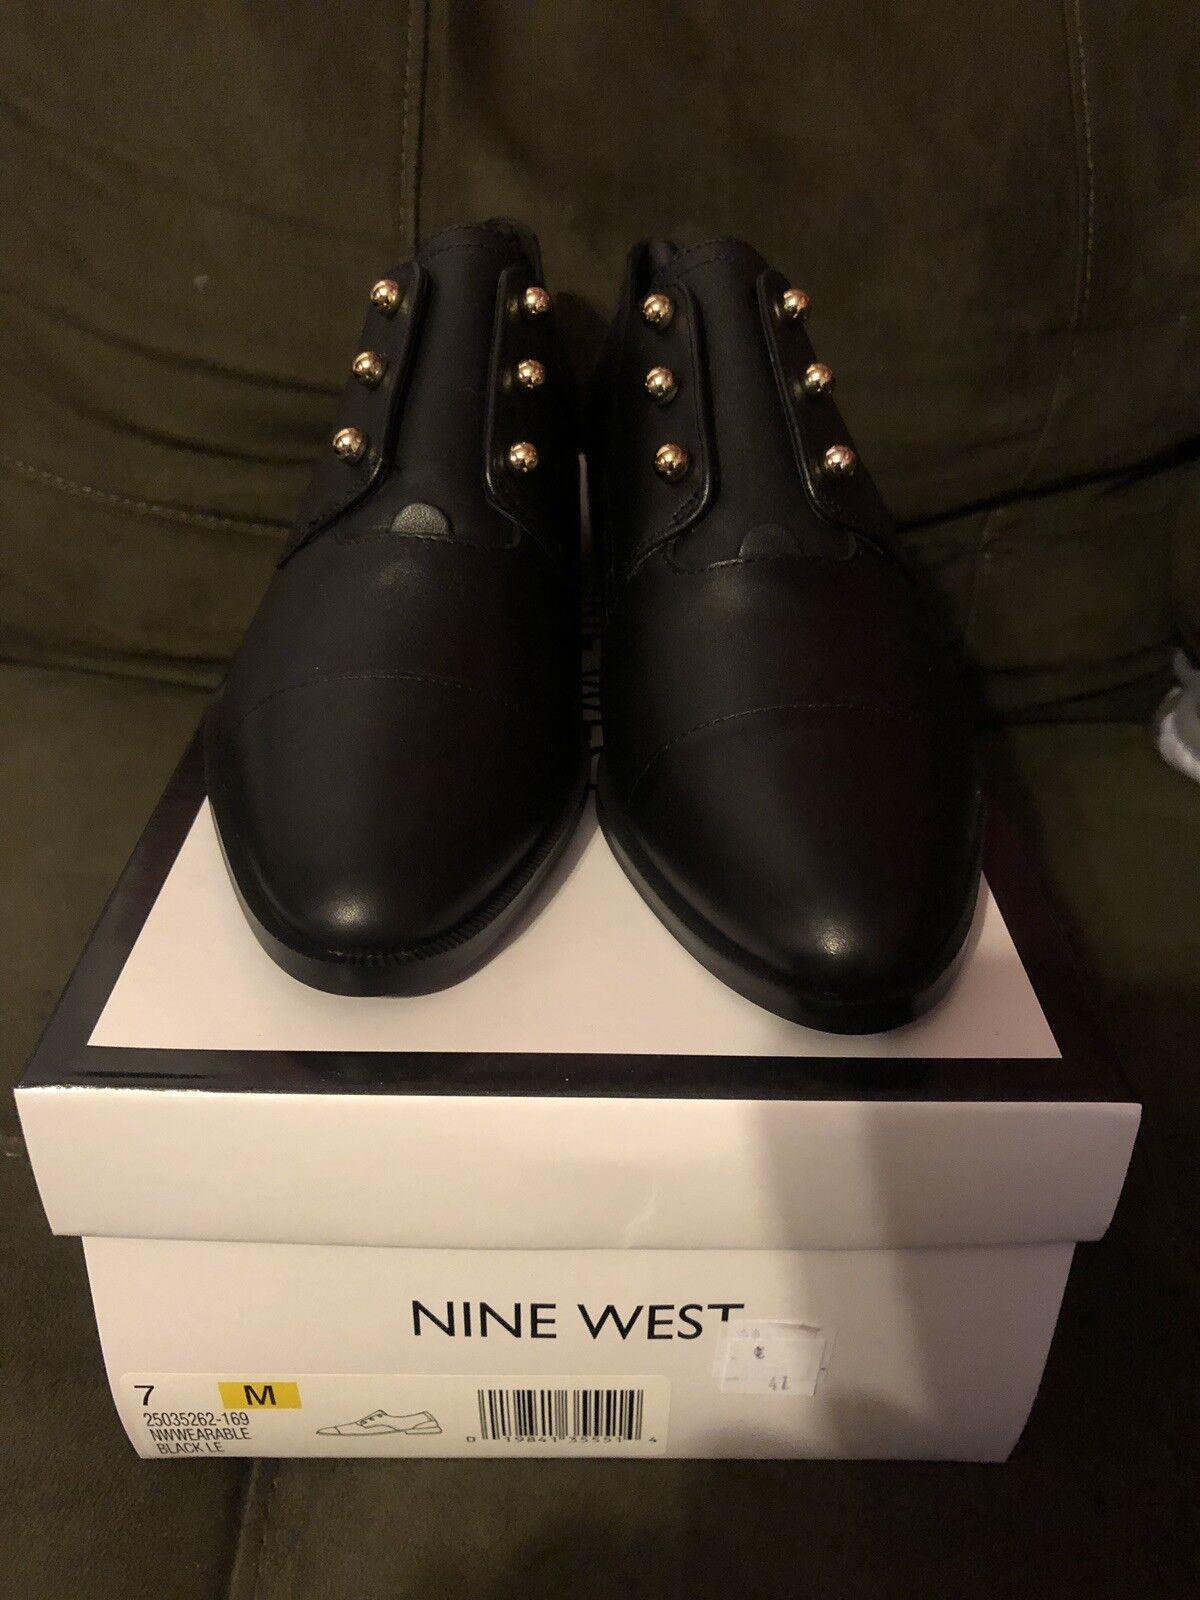 Nine West Women's Wearable Wearable Wearable Leather Oxford Flat - Size 7M- Black 75b207